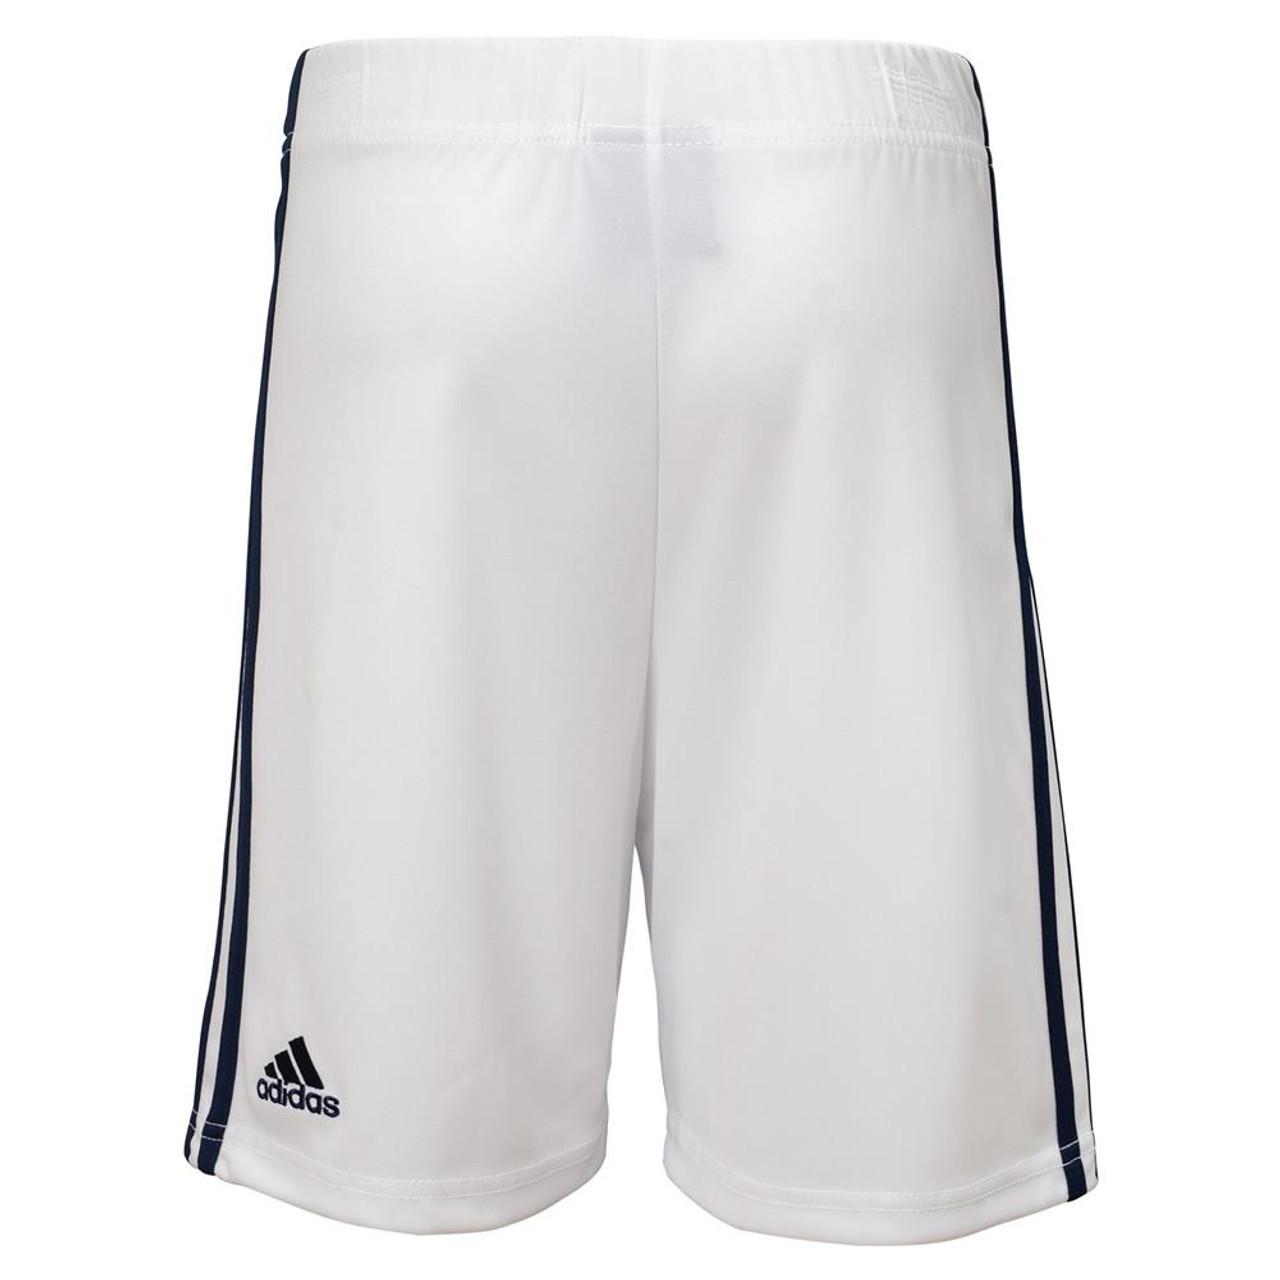 Boy's Los Angeles Galaxy Gym Shorts Adidas Basketball Shorts